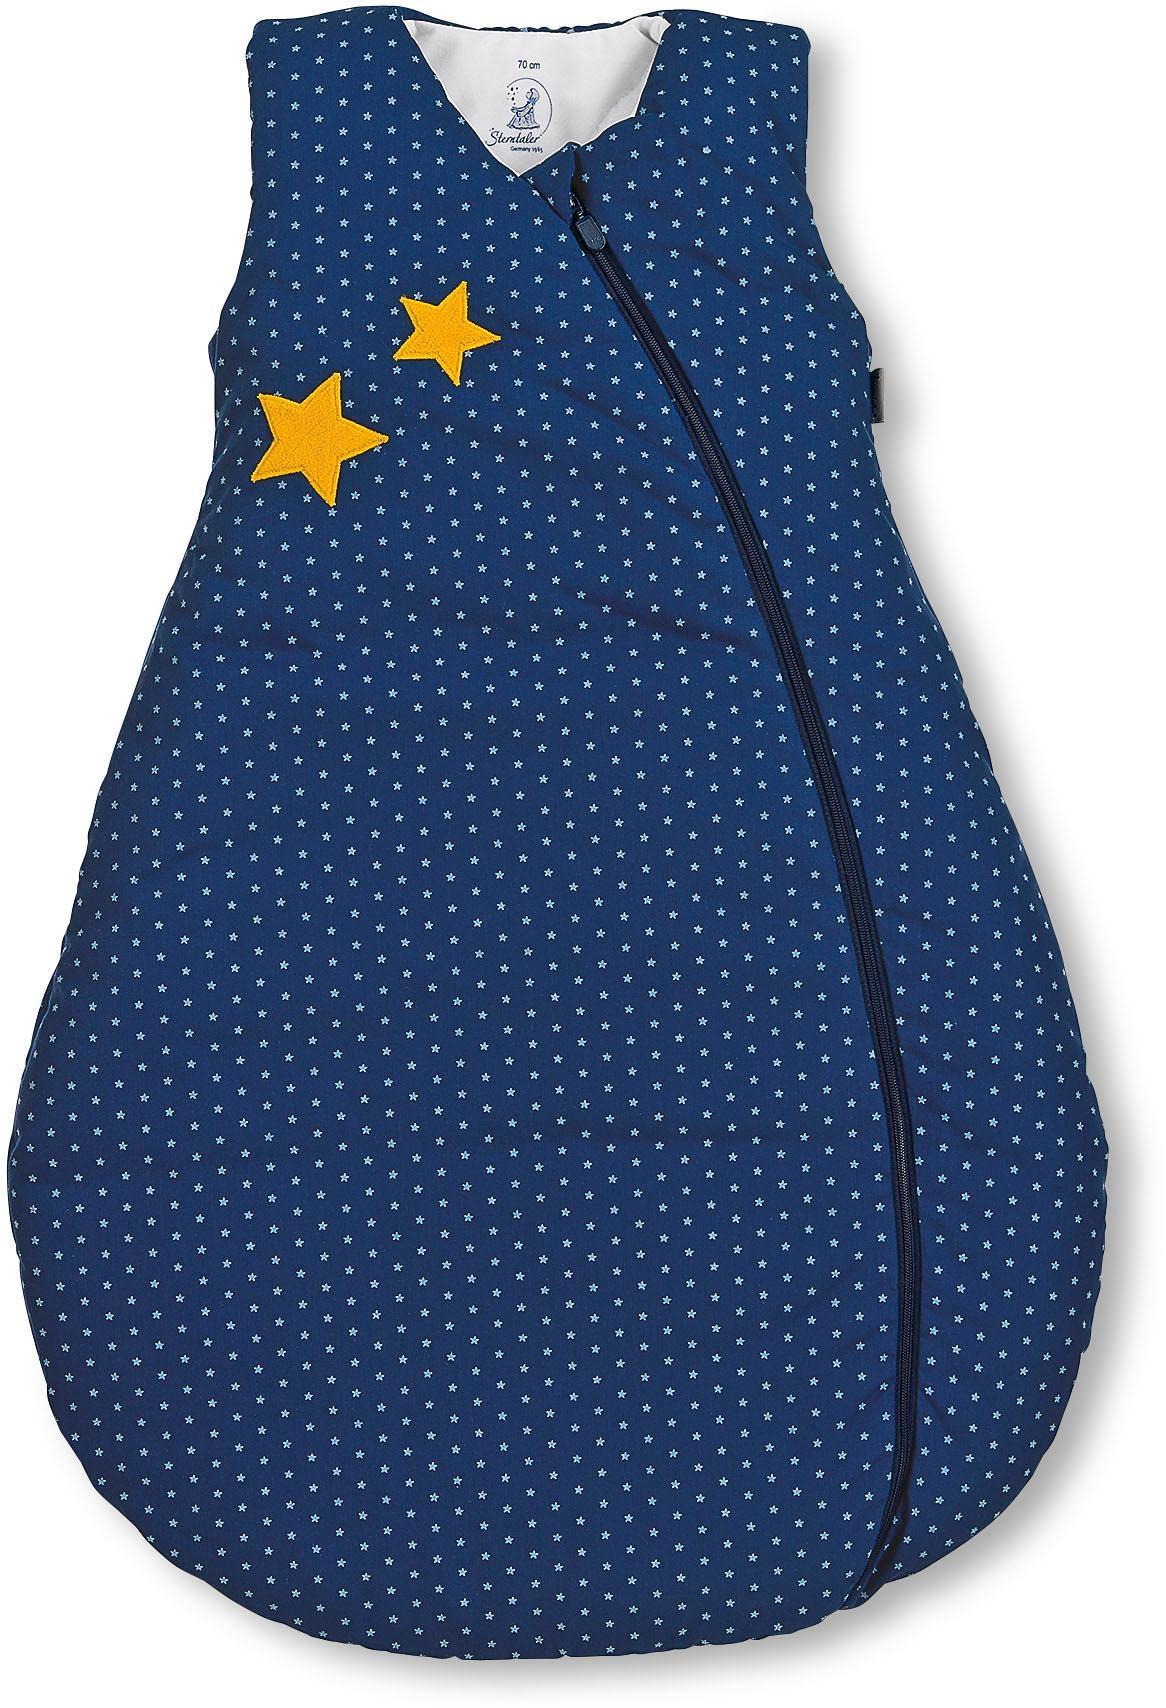 Schlafsack Stanley Sterntaler | Baumarkt > Camping und Zubehör > Schlafsäcke | Blau | Microfaser | Sterntaler